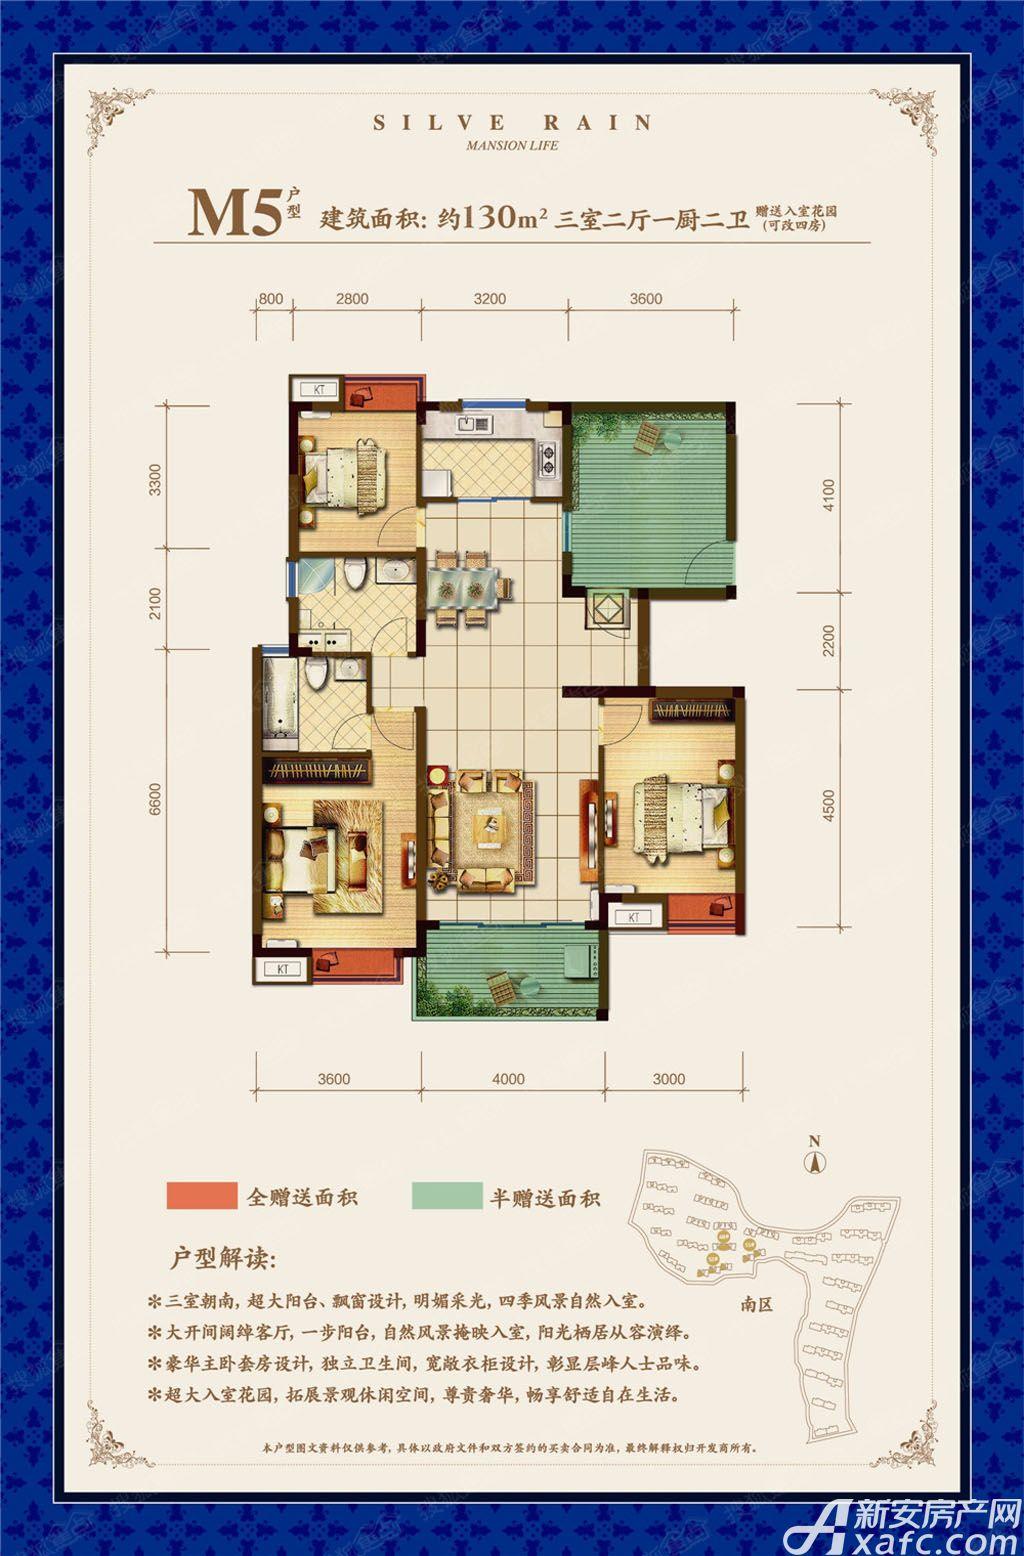 雨润星雨华府M5户型3室2厅130平米